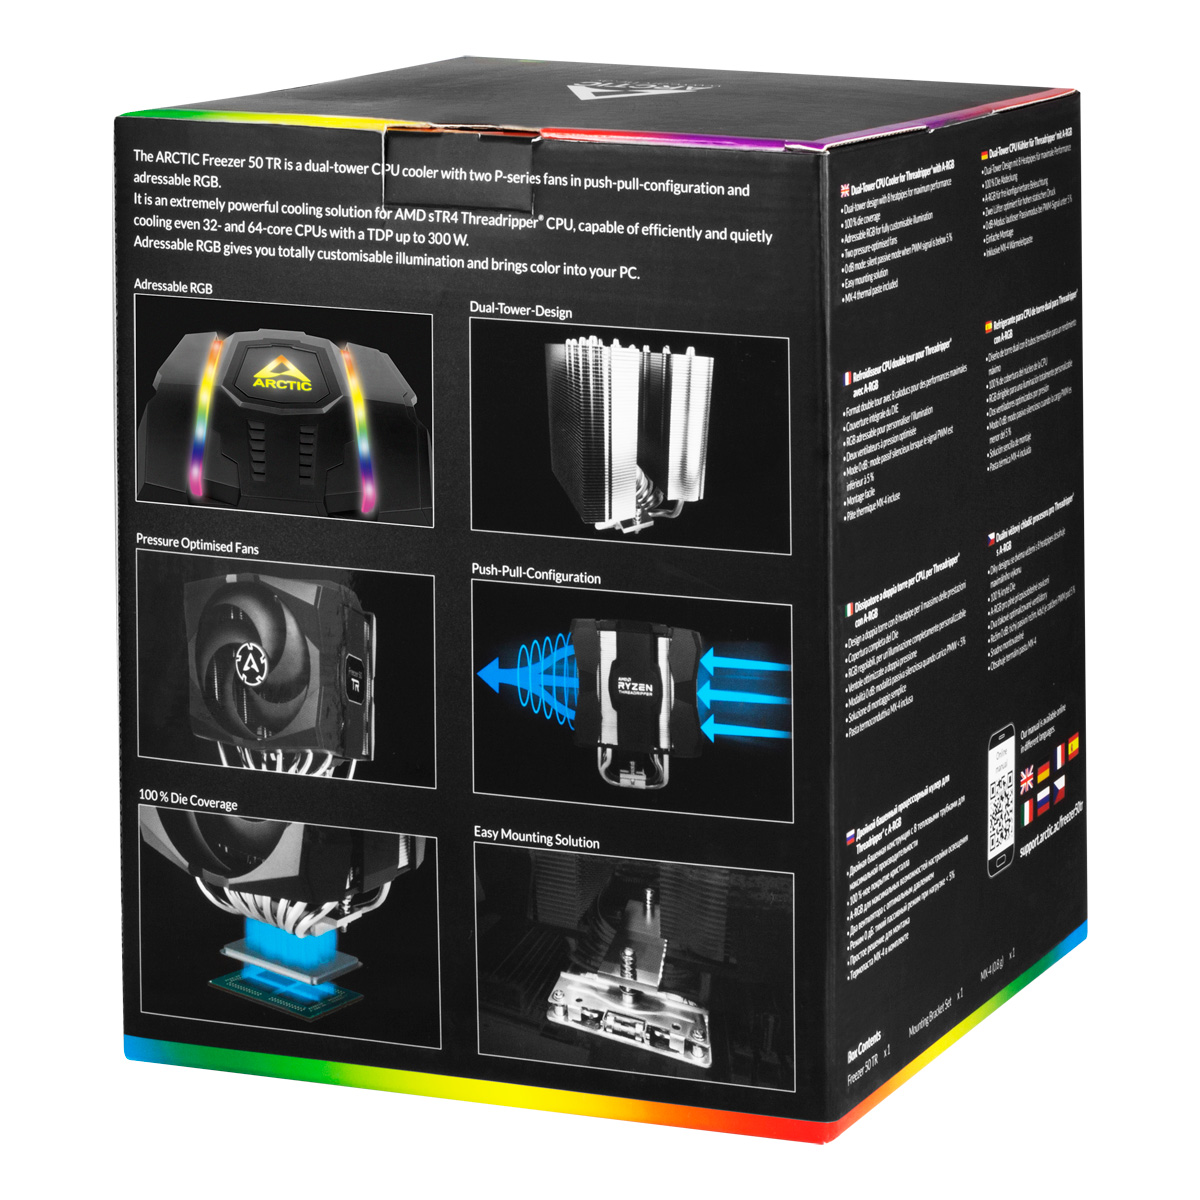 Dual Tower CPU Cooler for AMD Ryzen™ Threadripper™ ARCTIC Freezer 50 TR Packaging Rear View